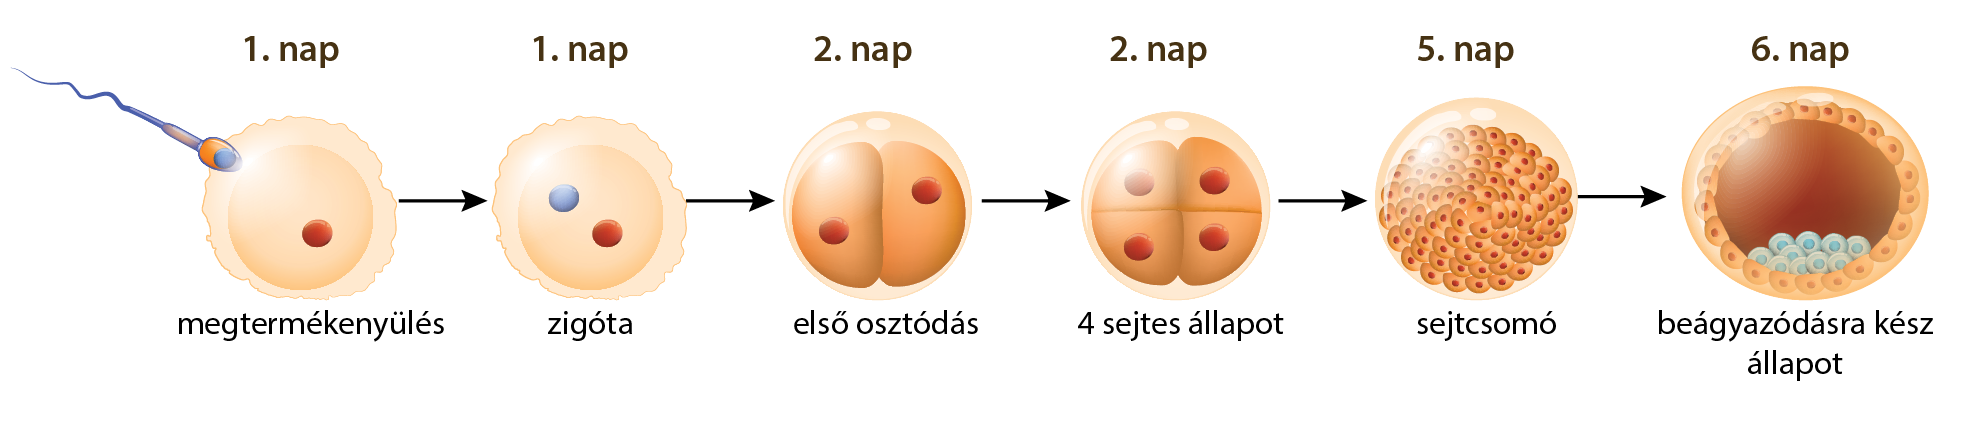 ostorféreg jelei hol élnek férgek az emberi testben